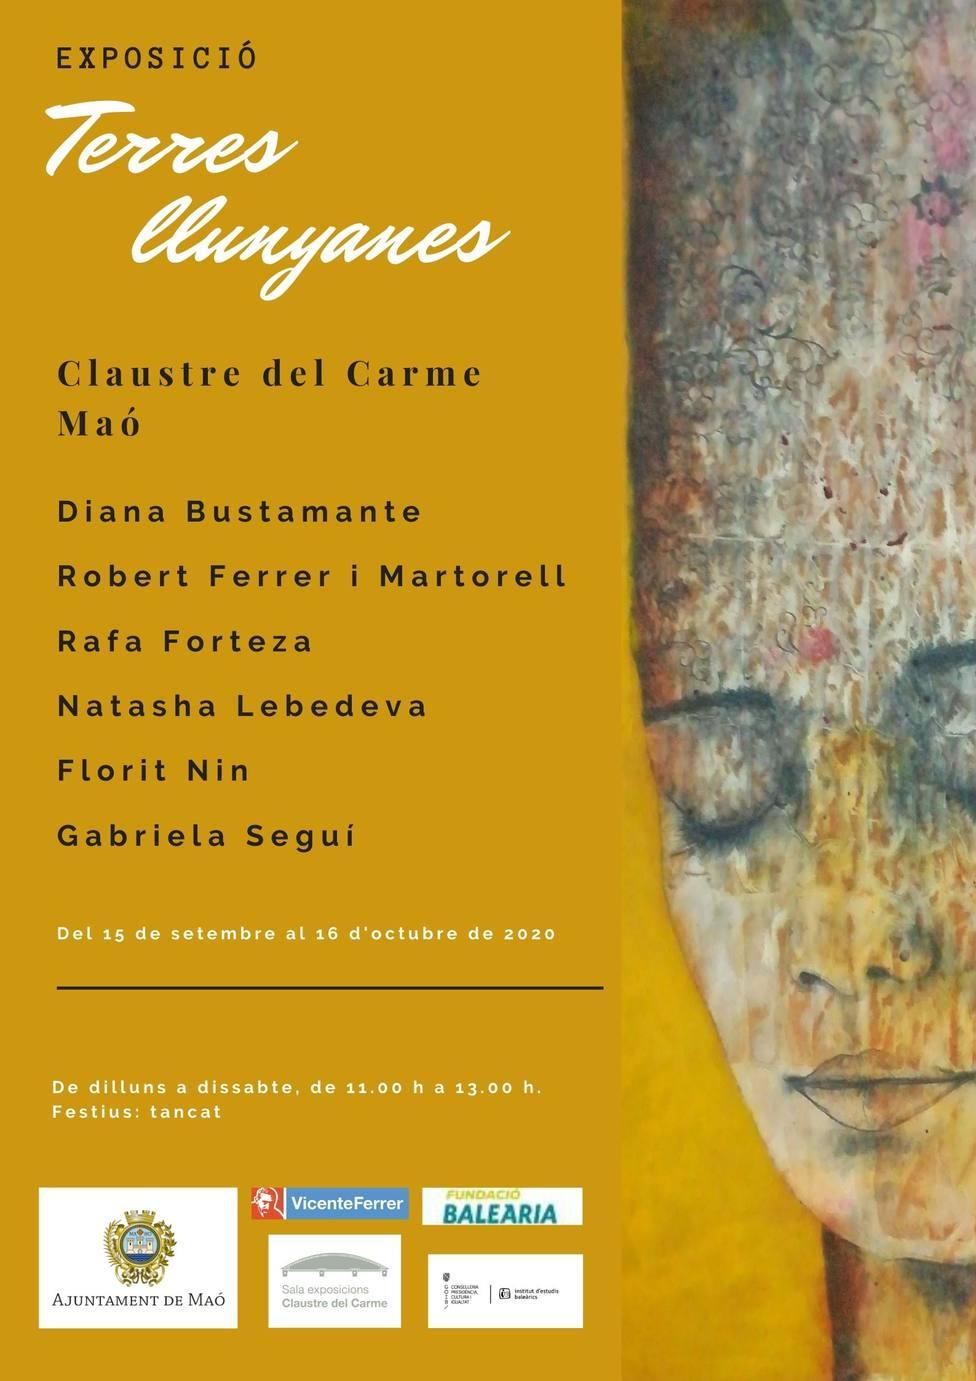 La exposición Tierras Lejanas llega, este martes, en el Claustro del Carmen de Mahón